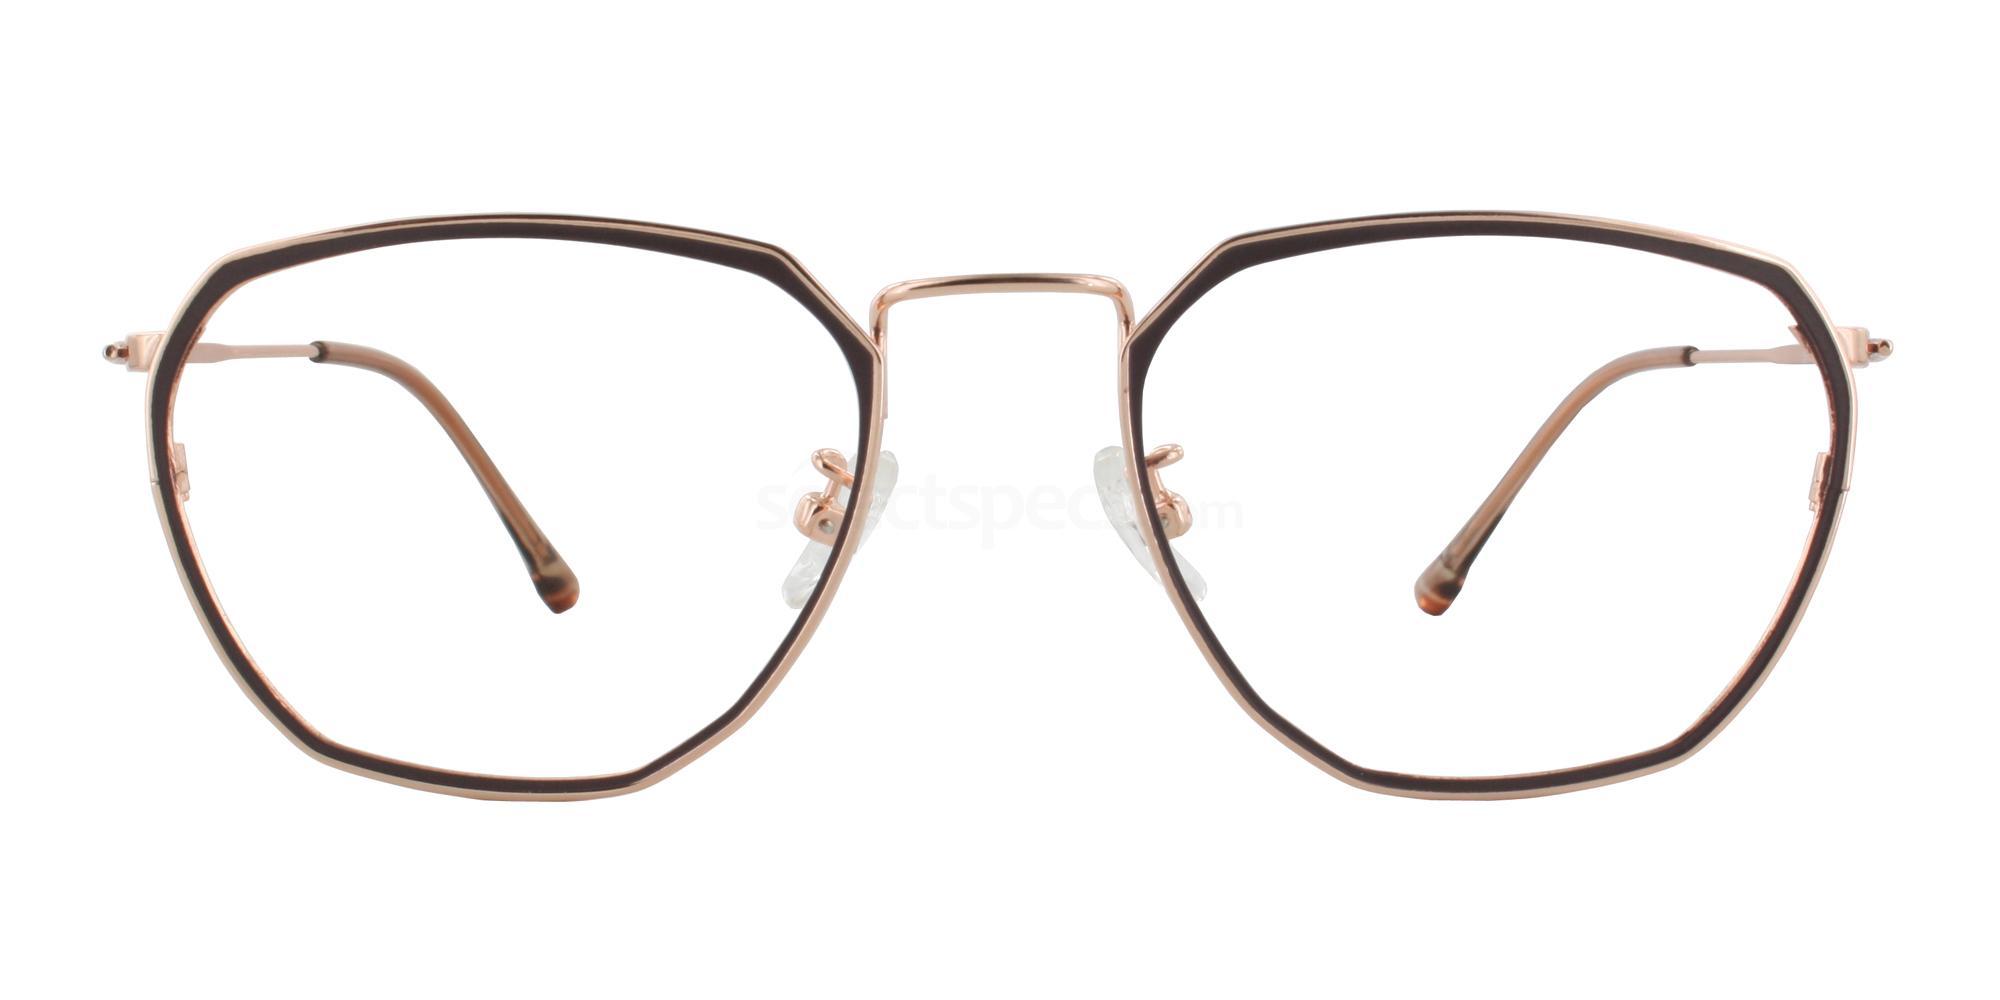 C5 6058 Glasses, SelectSpecs